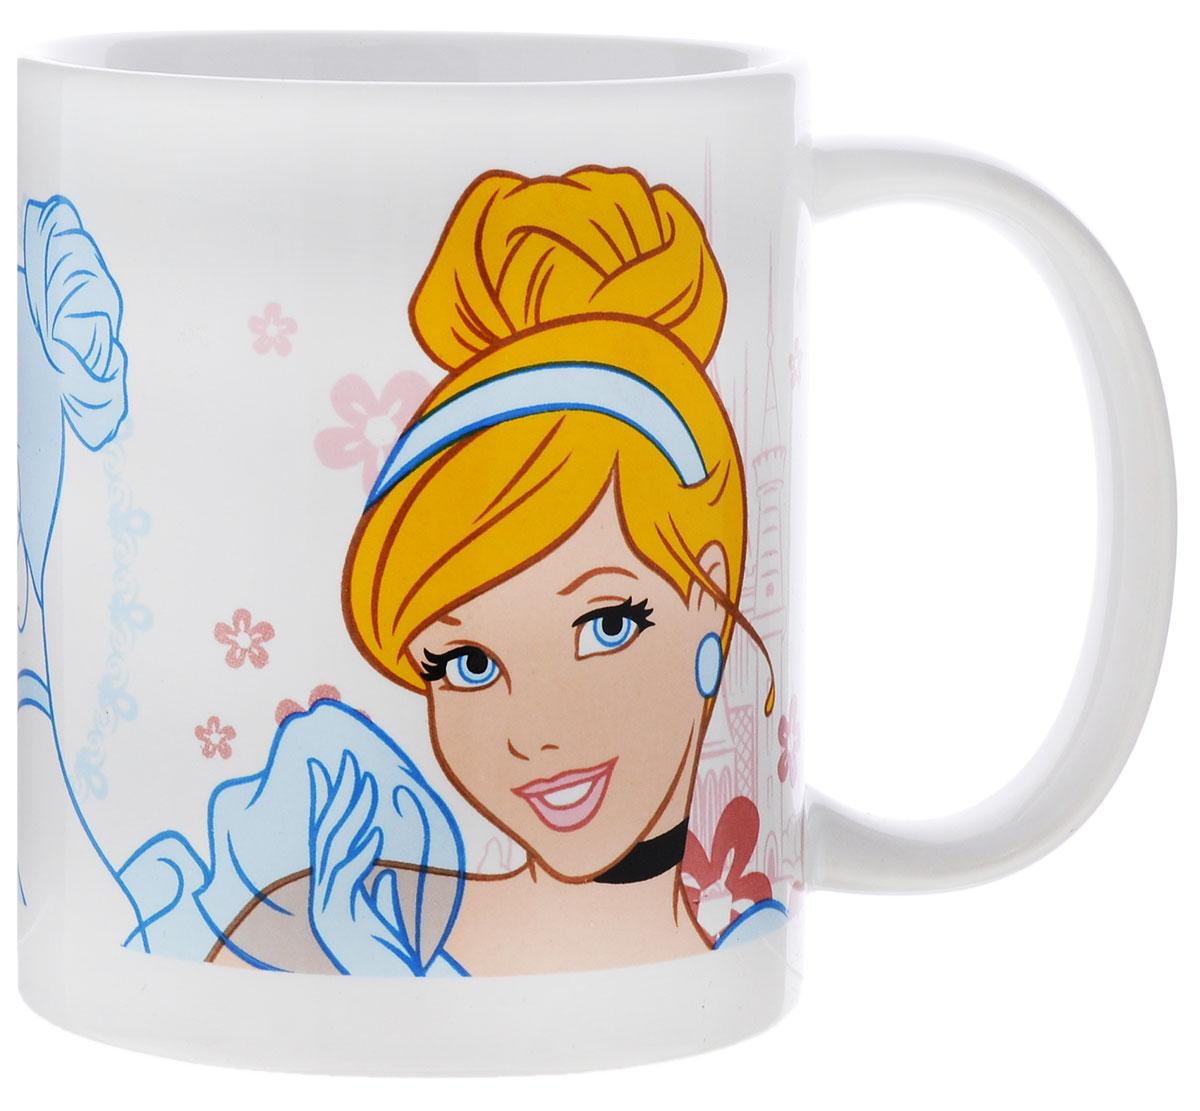 Stor Кружка детская Принцесса Золушка 325 мл54 009312Детская кружка Stor Принцесса Золушка из серии Stor Disney Princess с любимой героиней станет отличным подарком для вашей малышки. Она выполнена из керамики и оформлена изображением диснеевской принцессы Золушки. Кружка дополнена удобной ручкой. Такой подарок станет не только приятным, но и практичным сувениром: кружка будет незаменимым атрибутом чаепития, а оригинальное оформление кружки добавит ярких эмоций и хорошего настроения.Можно использовать в СВЧ-печи и посудомоечной машине.